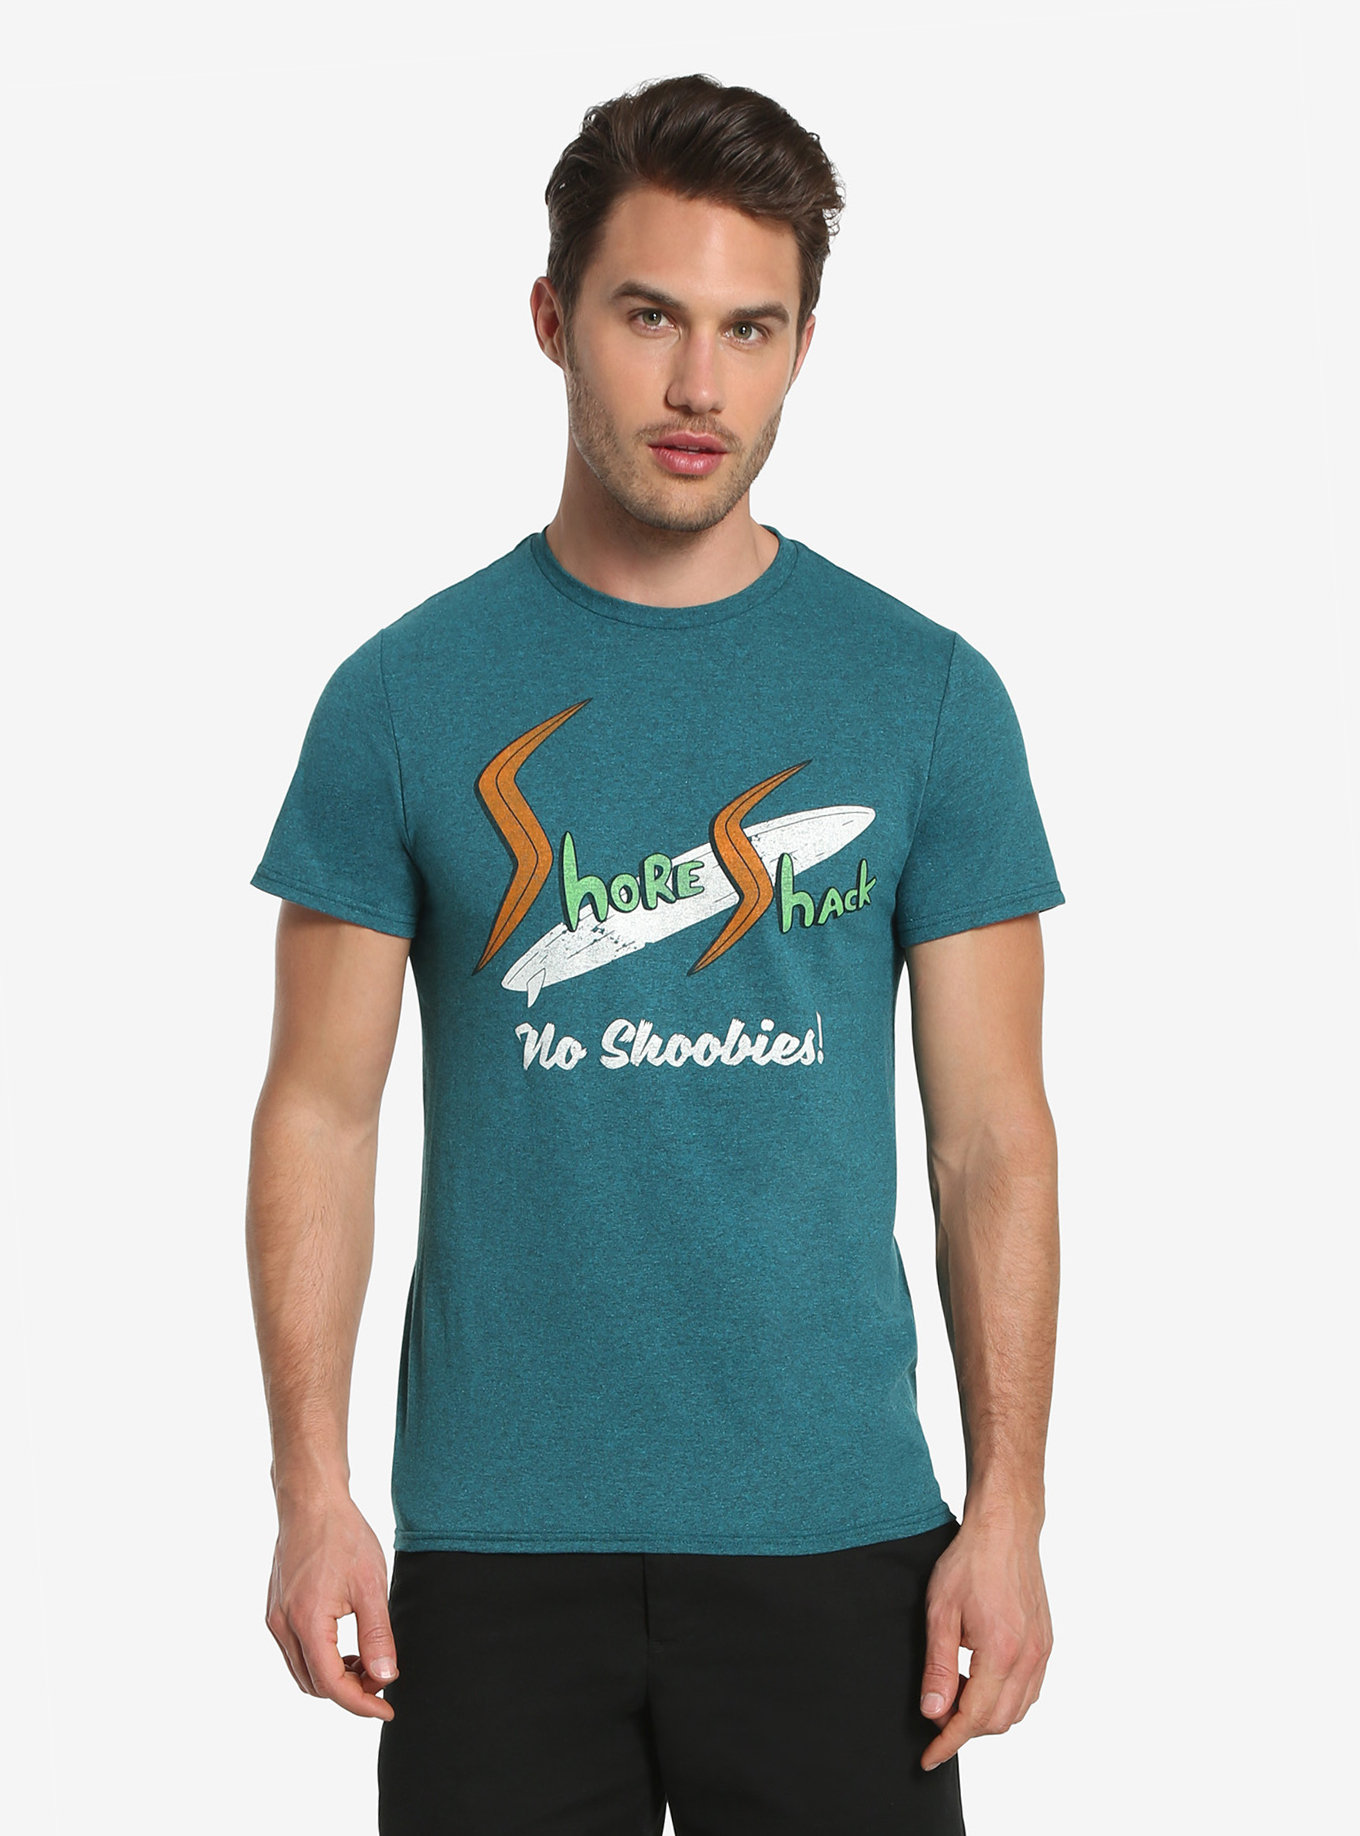 nickelodeonrocketpowershirt.jpg